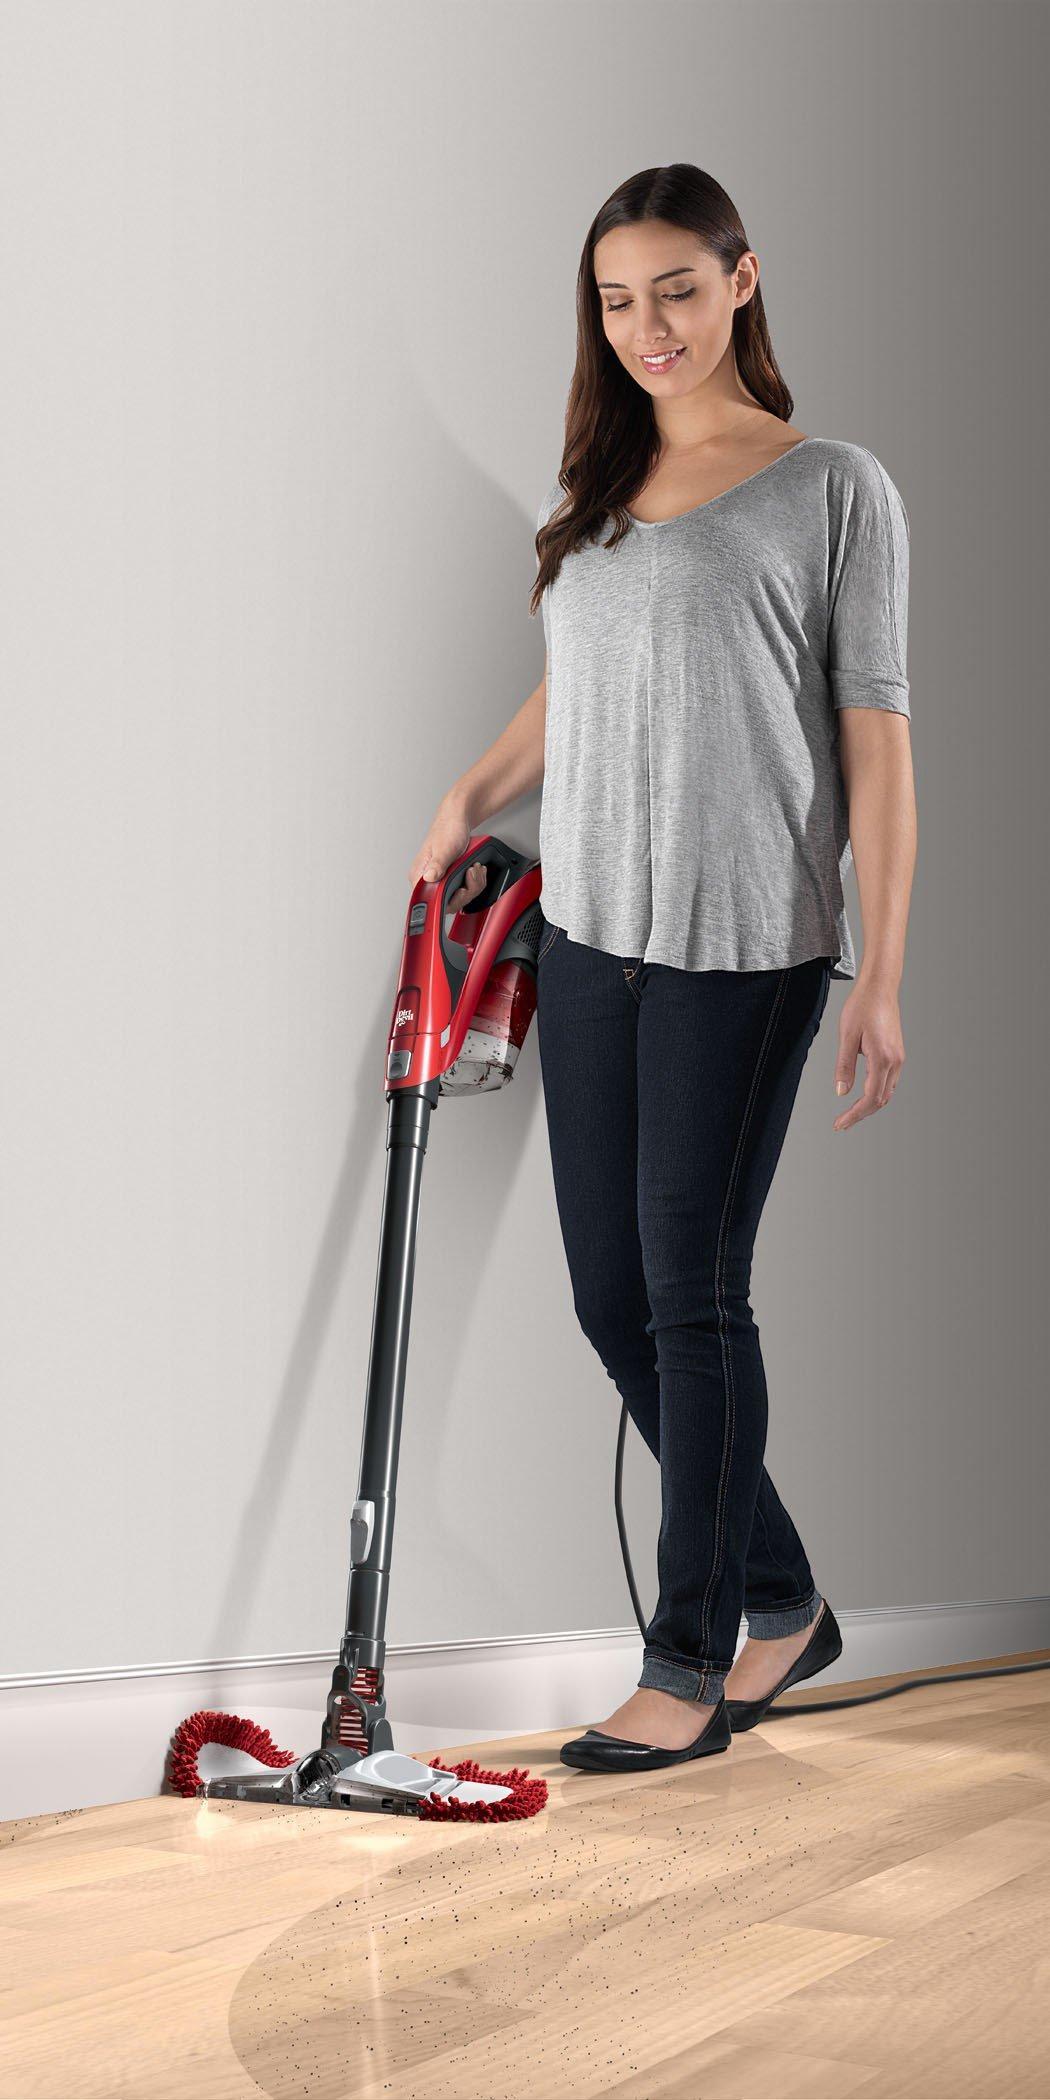 360 Reach Pro Bagless Stick Vacuum Dirtdevil